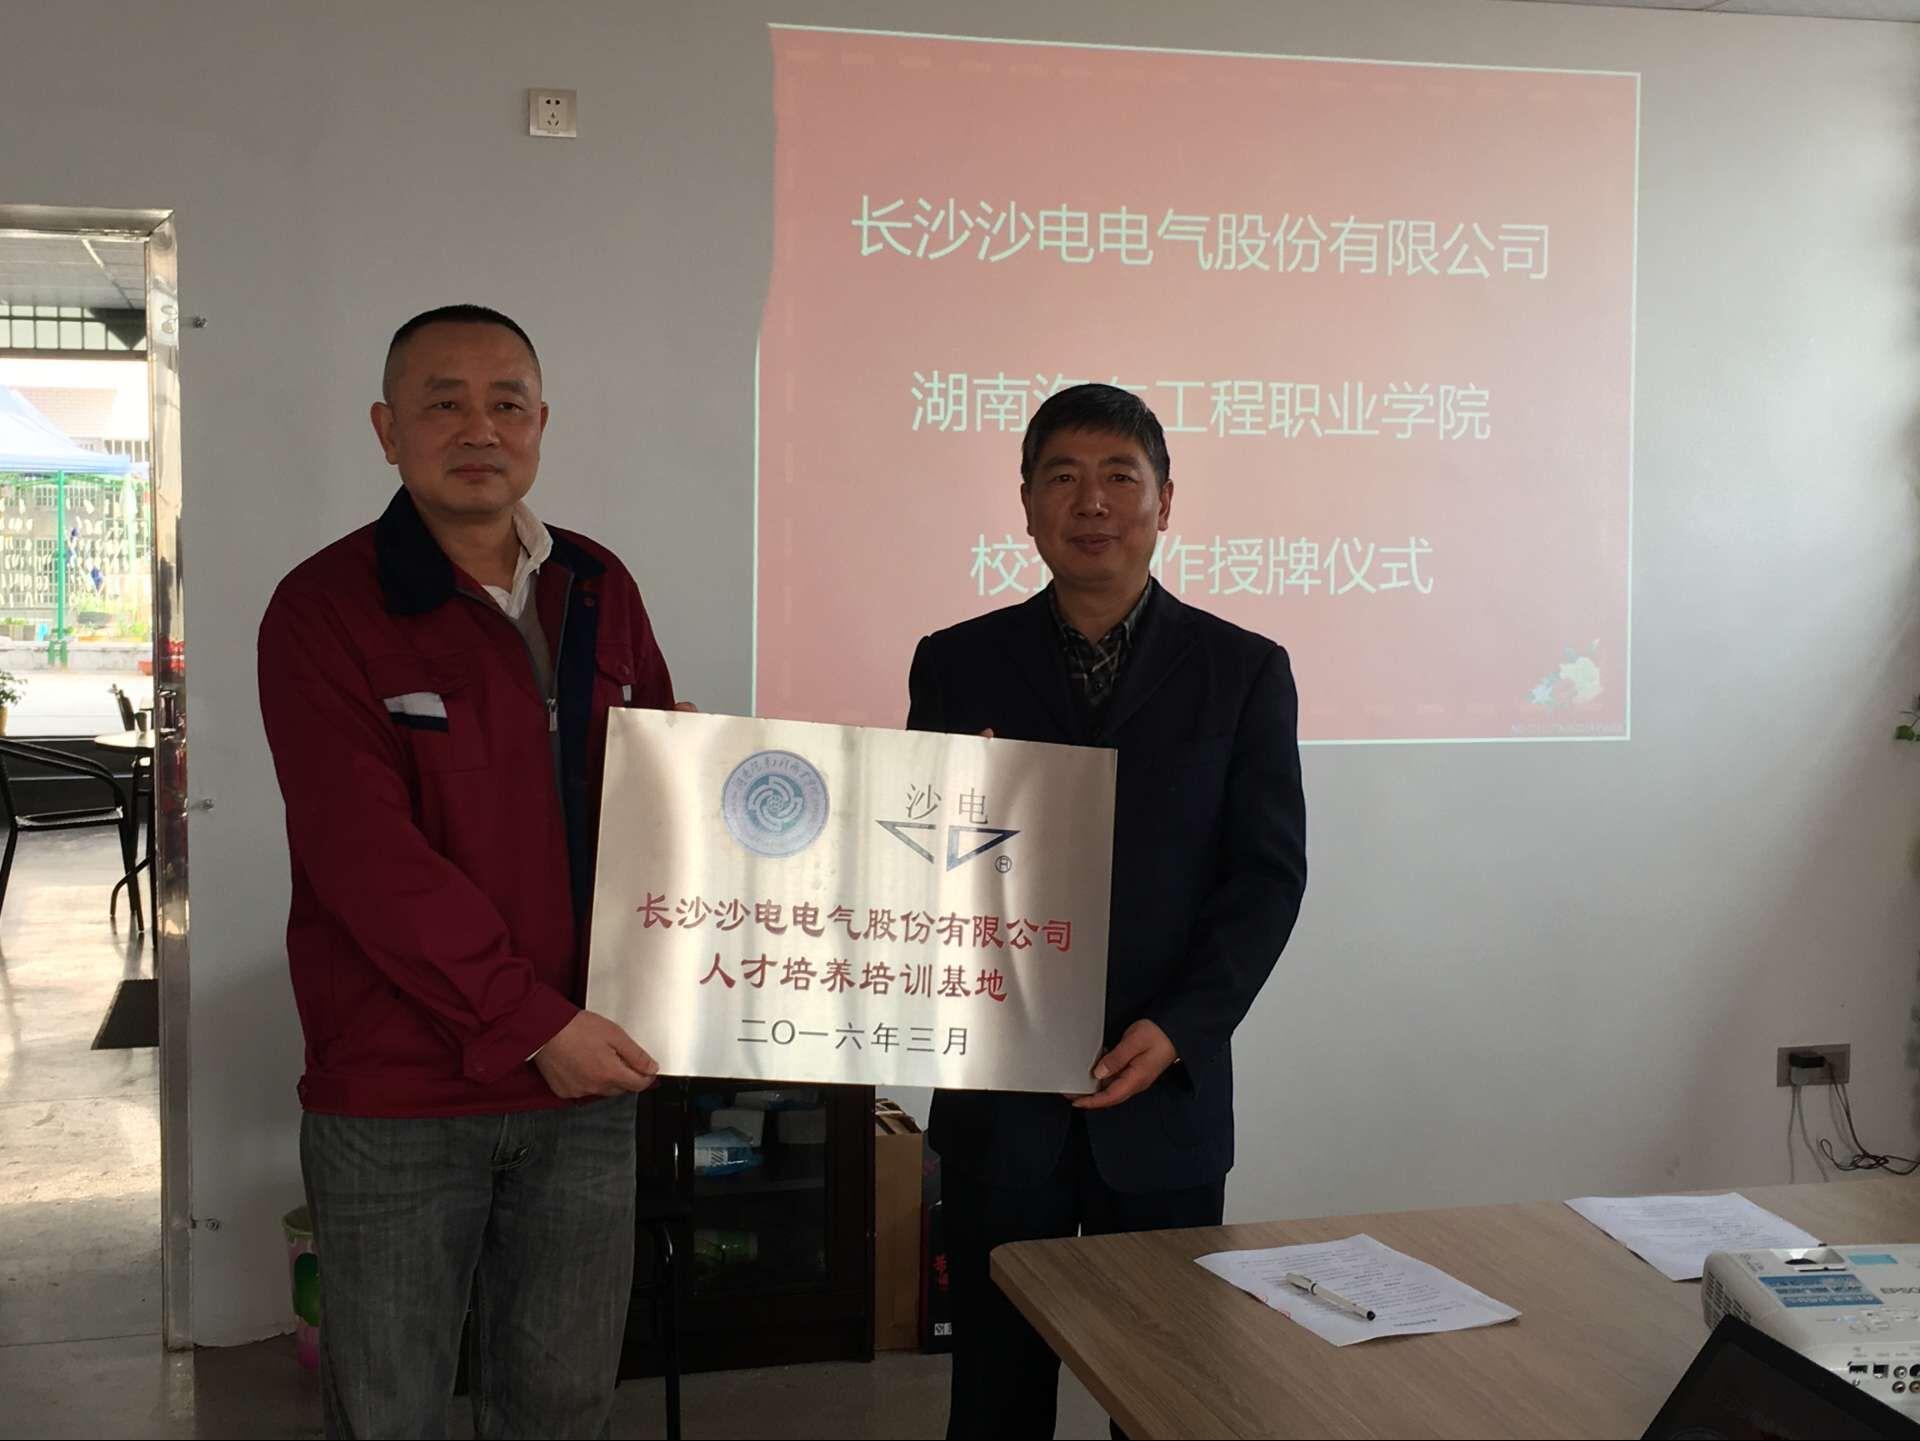 与湖南汽车工程学院签订产学研合作基地协议